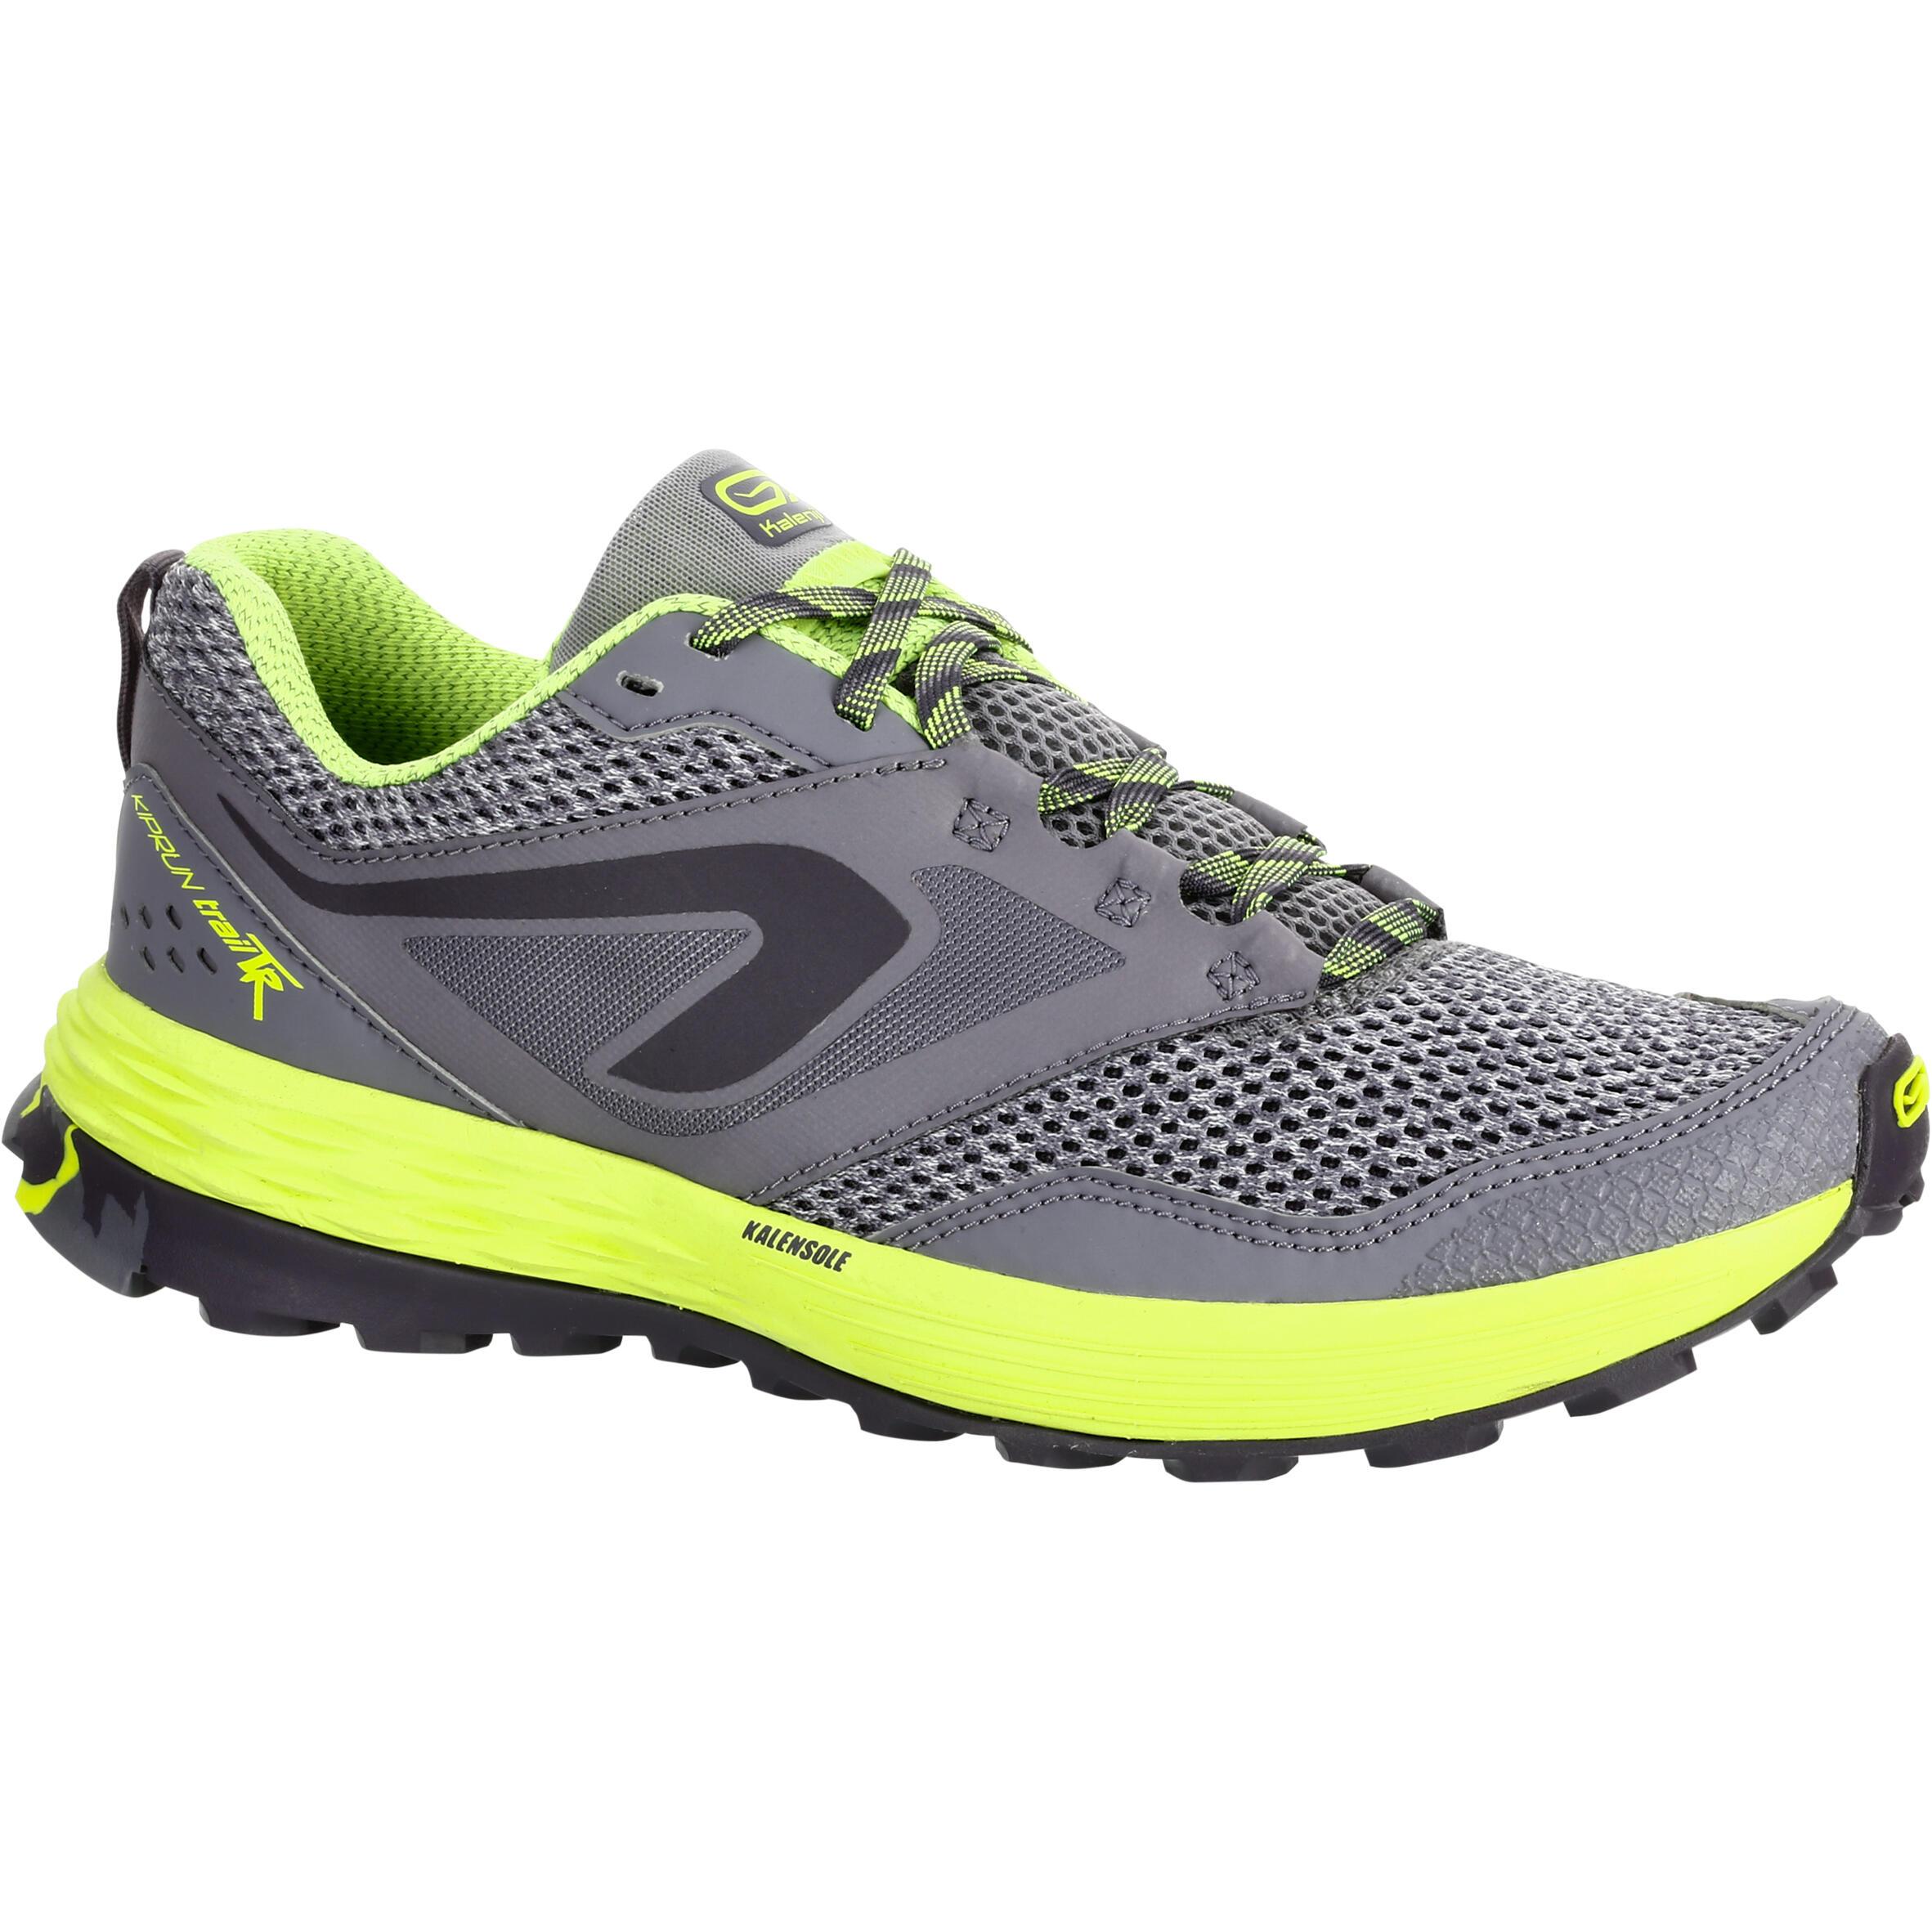 2508935 Kalenji Trailschoenen dames Kiprun Trail TR grijs geel